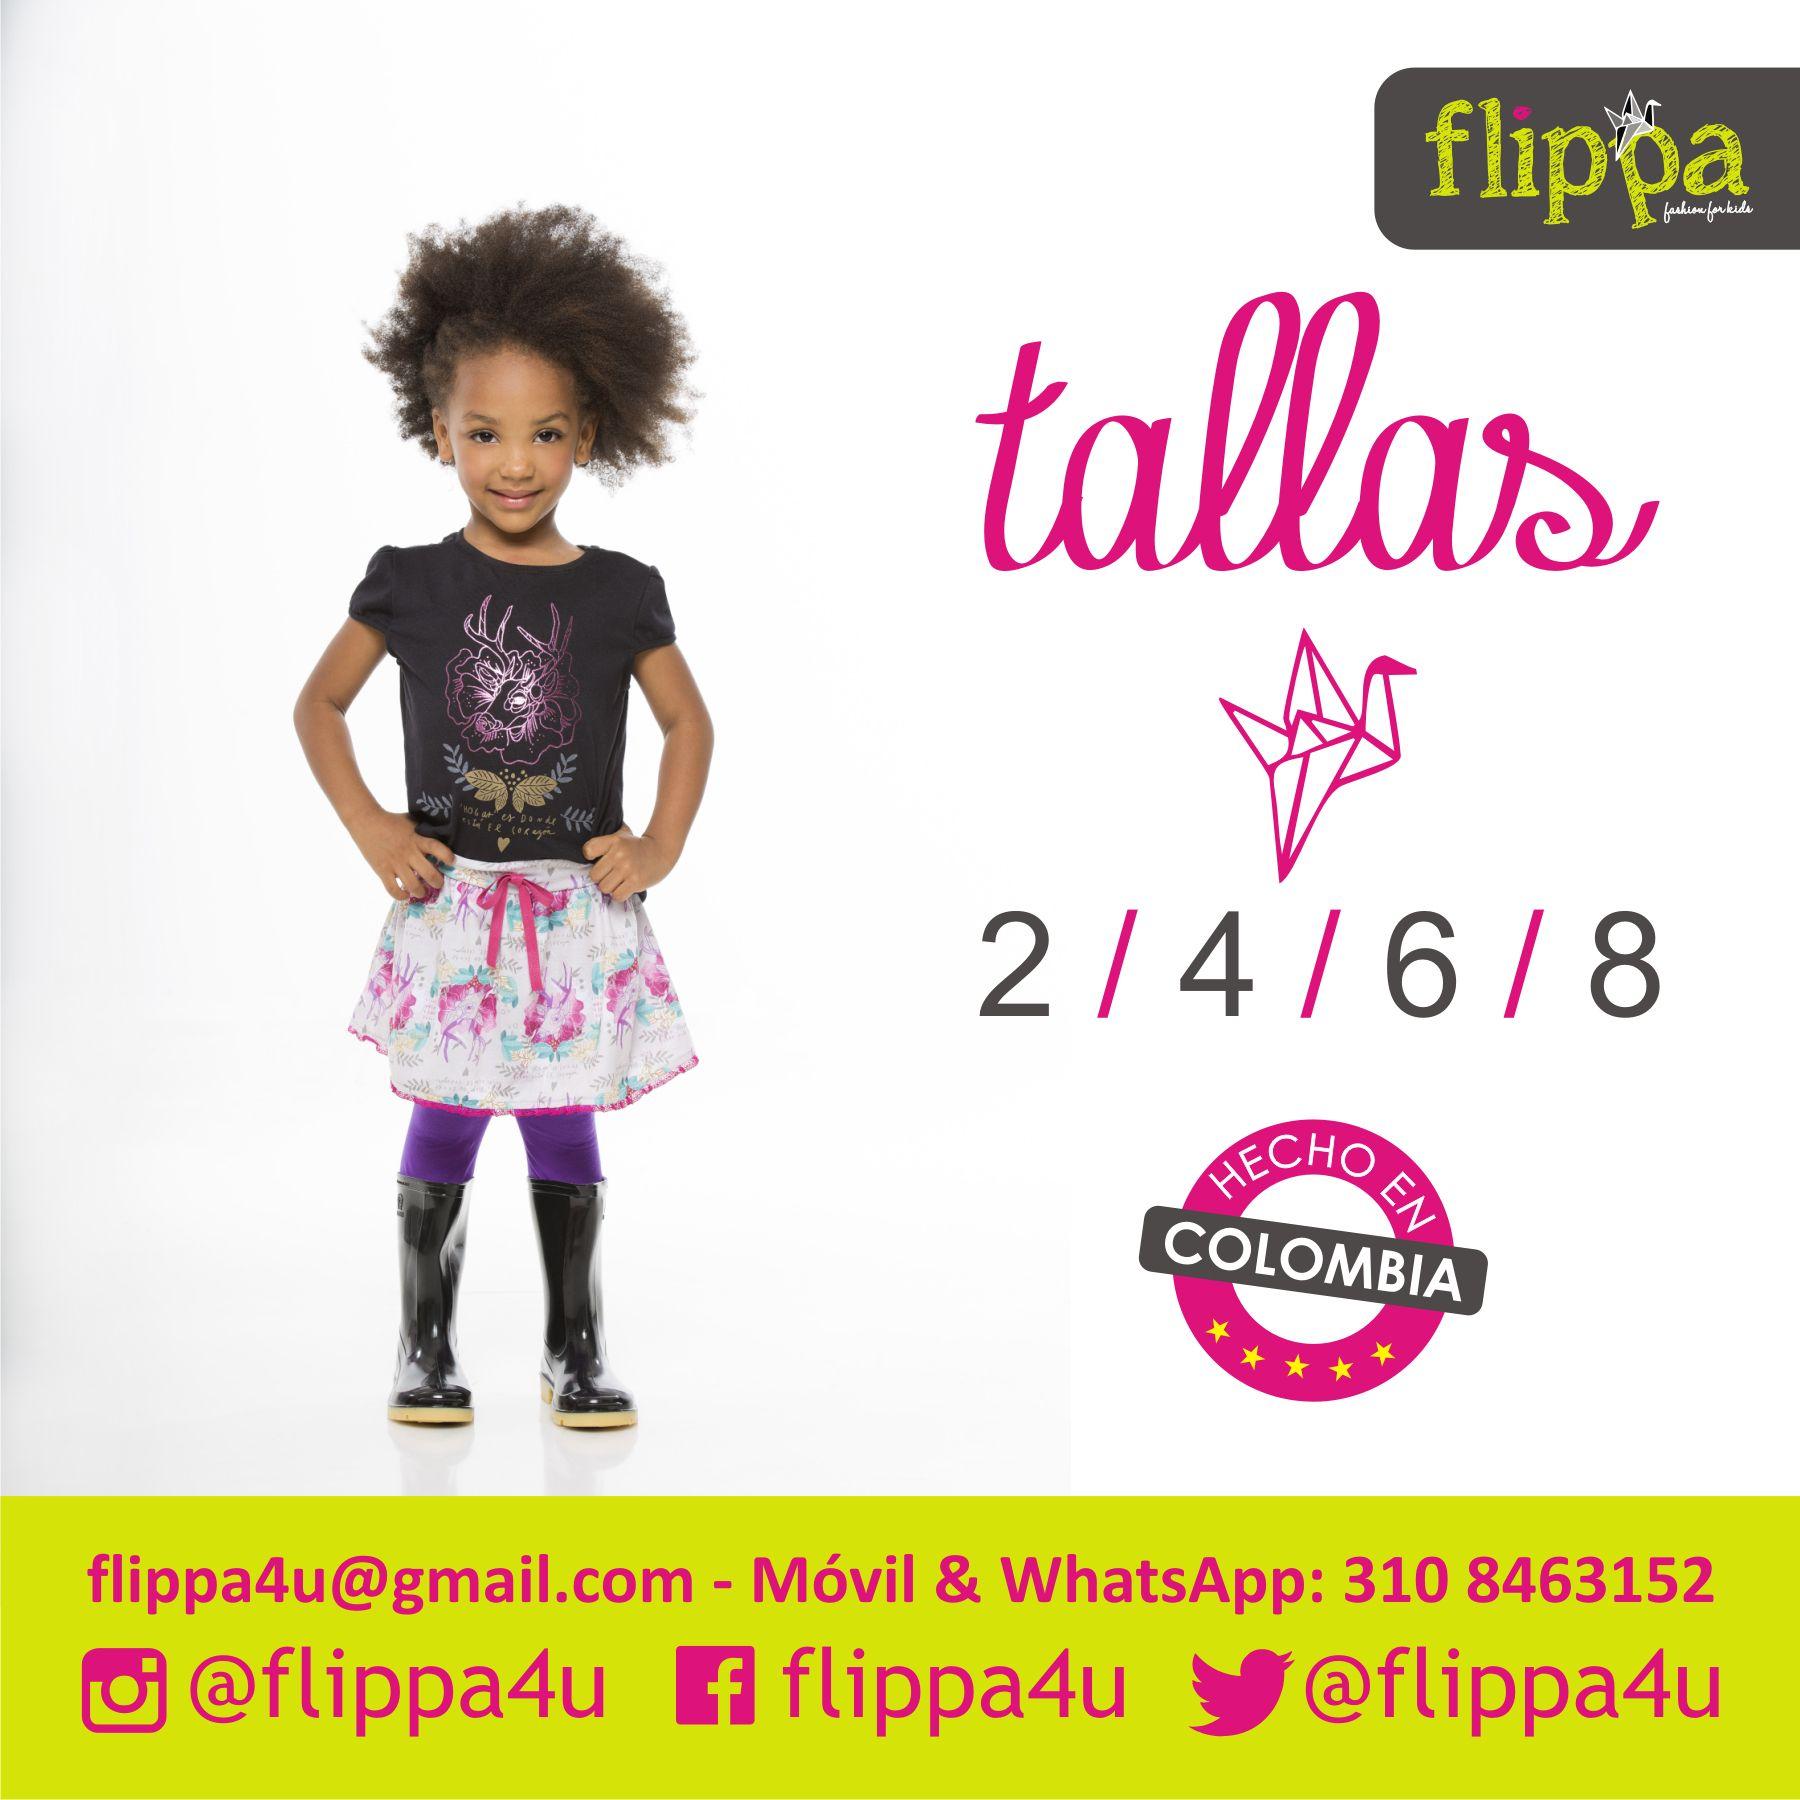 """#Flippa4U con """"Diseños y estampados exclusivos"""" contamos con las siguientes Tallas 2 / 4 / 6 / 8."""